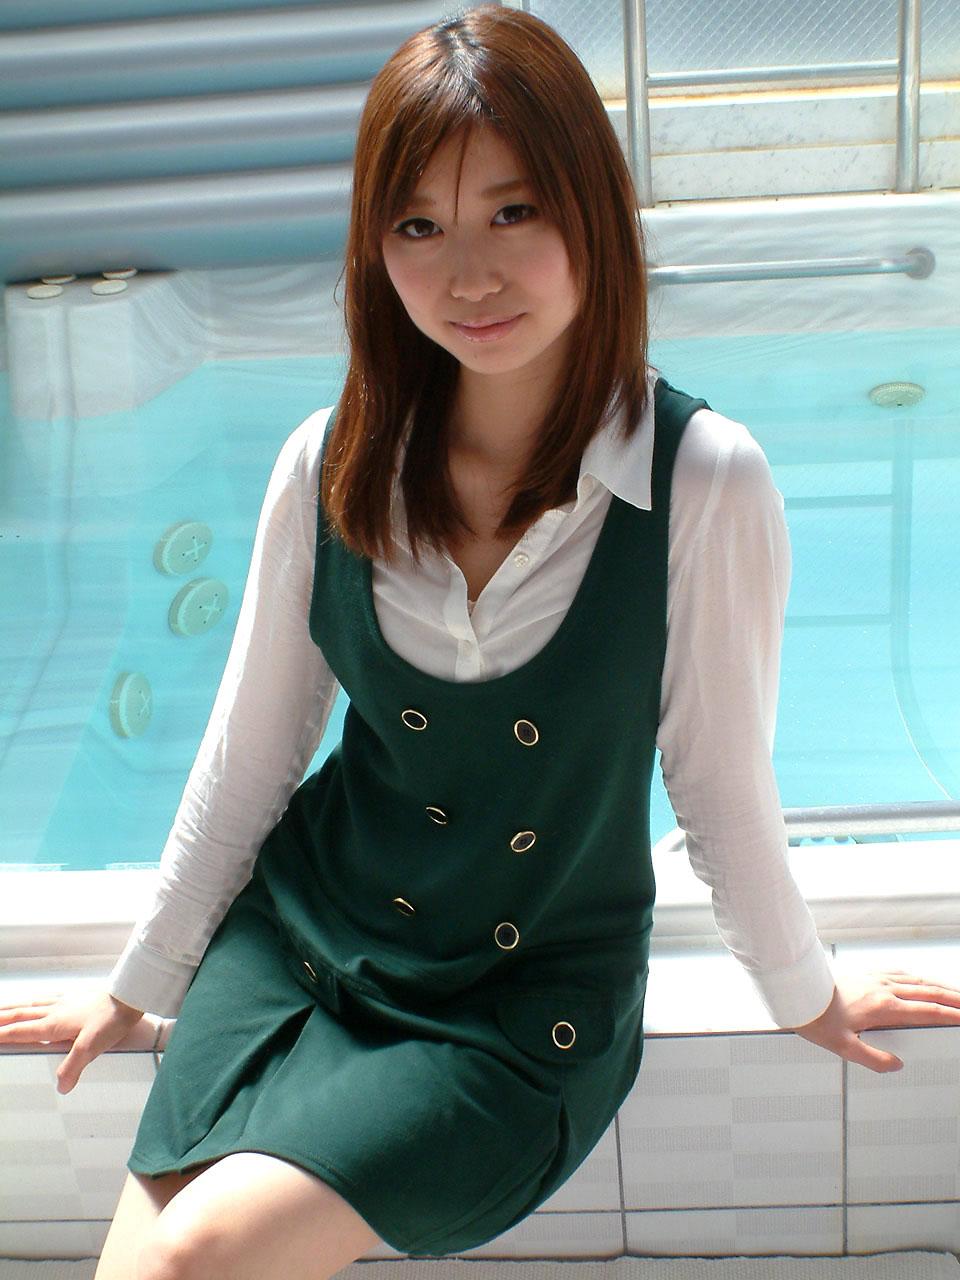 natsume inagawa sexy photos 04